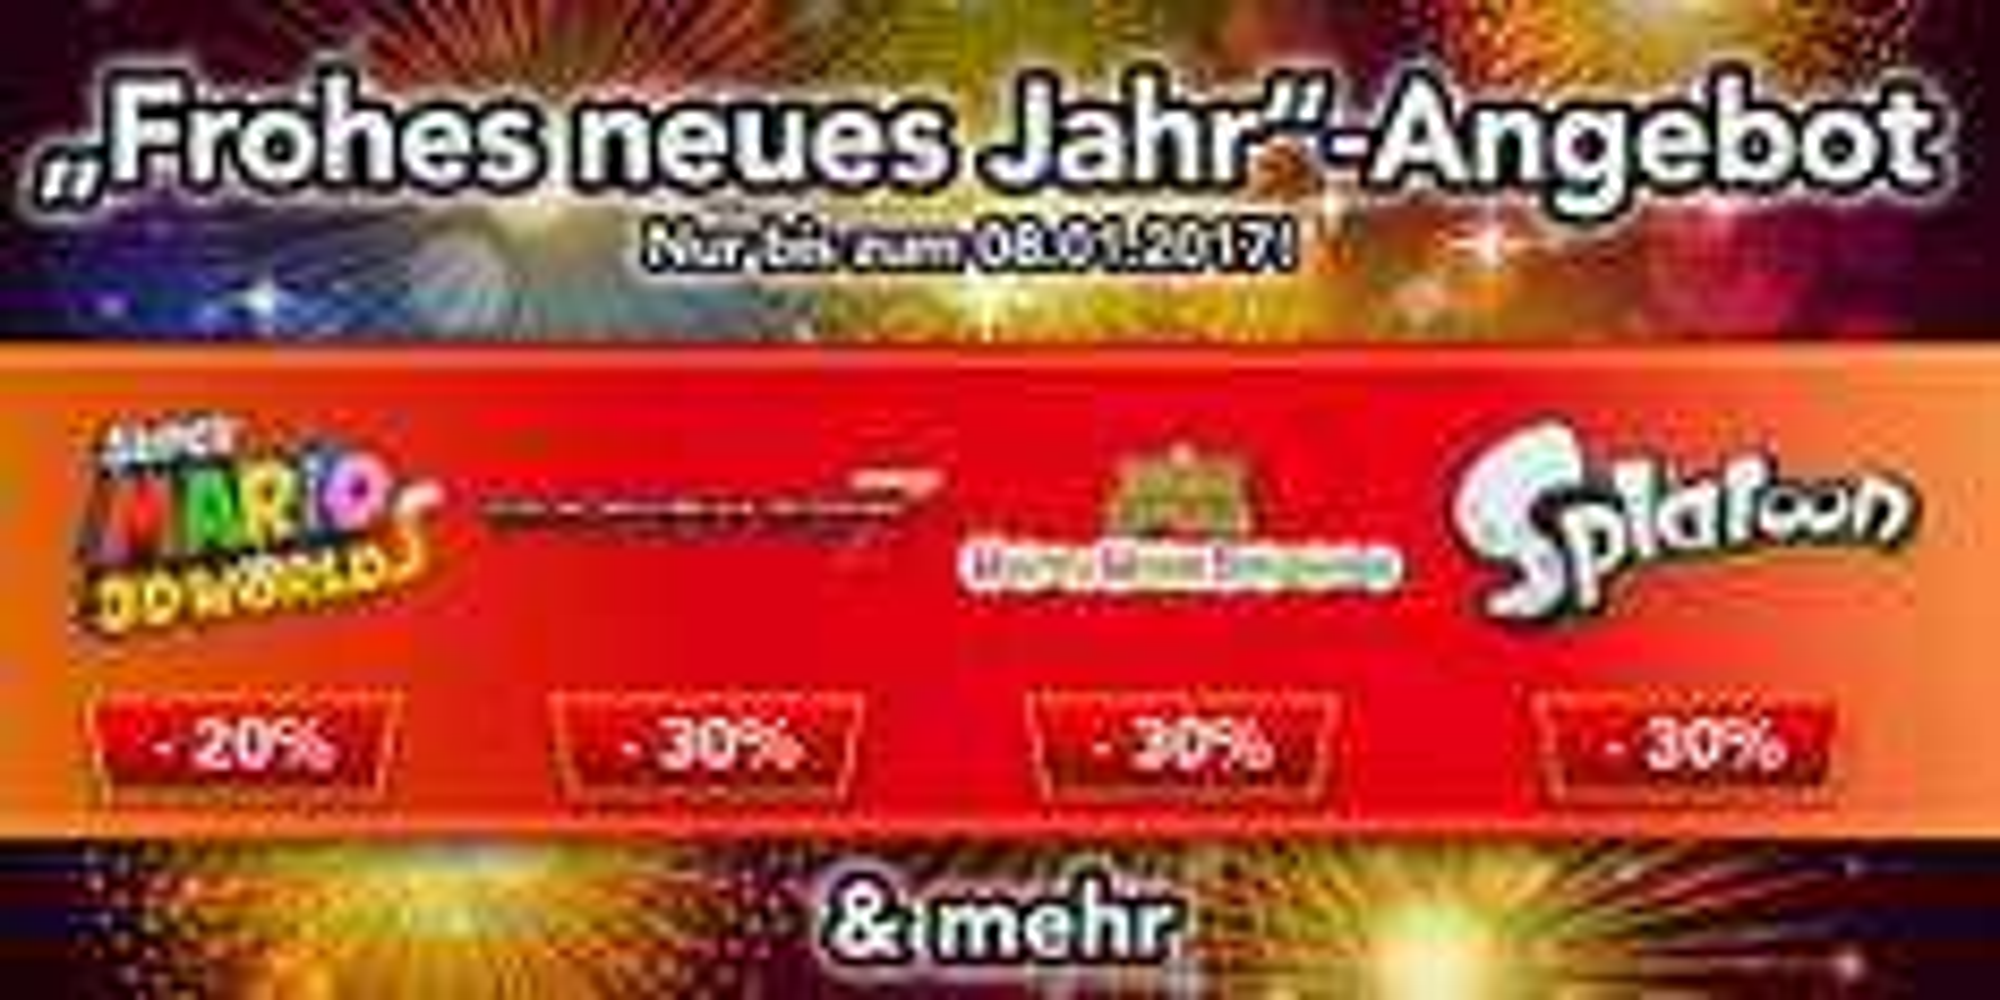 Nintendo eShop - viele 3DS, DS und Wii U Spiele im Angebot - zb: Mario Kart 7 für 31,49EUR